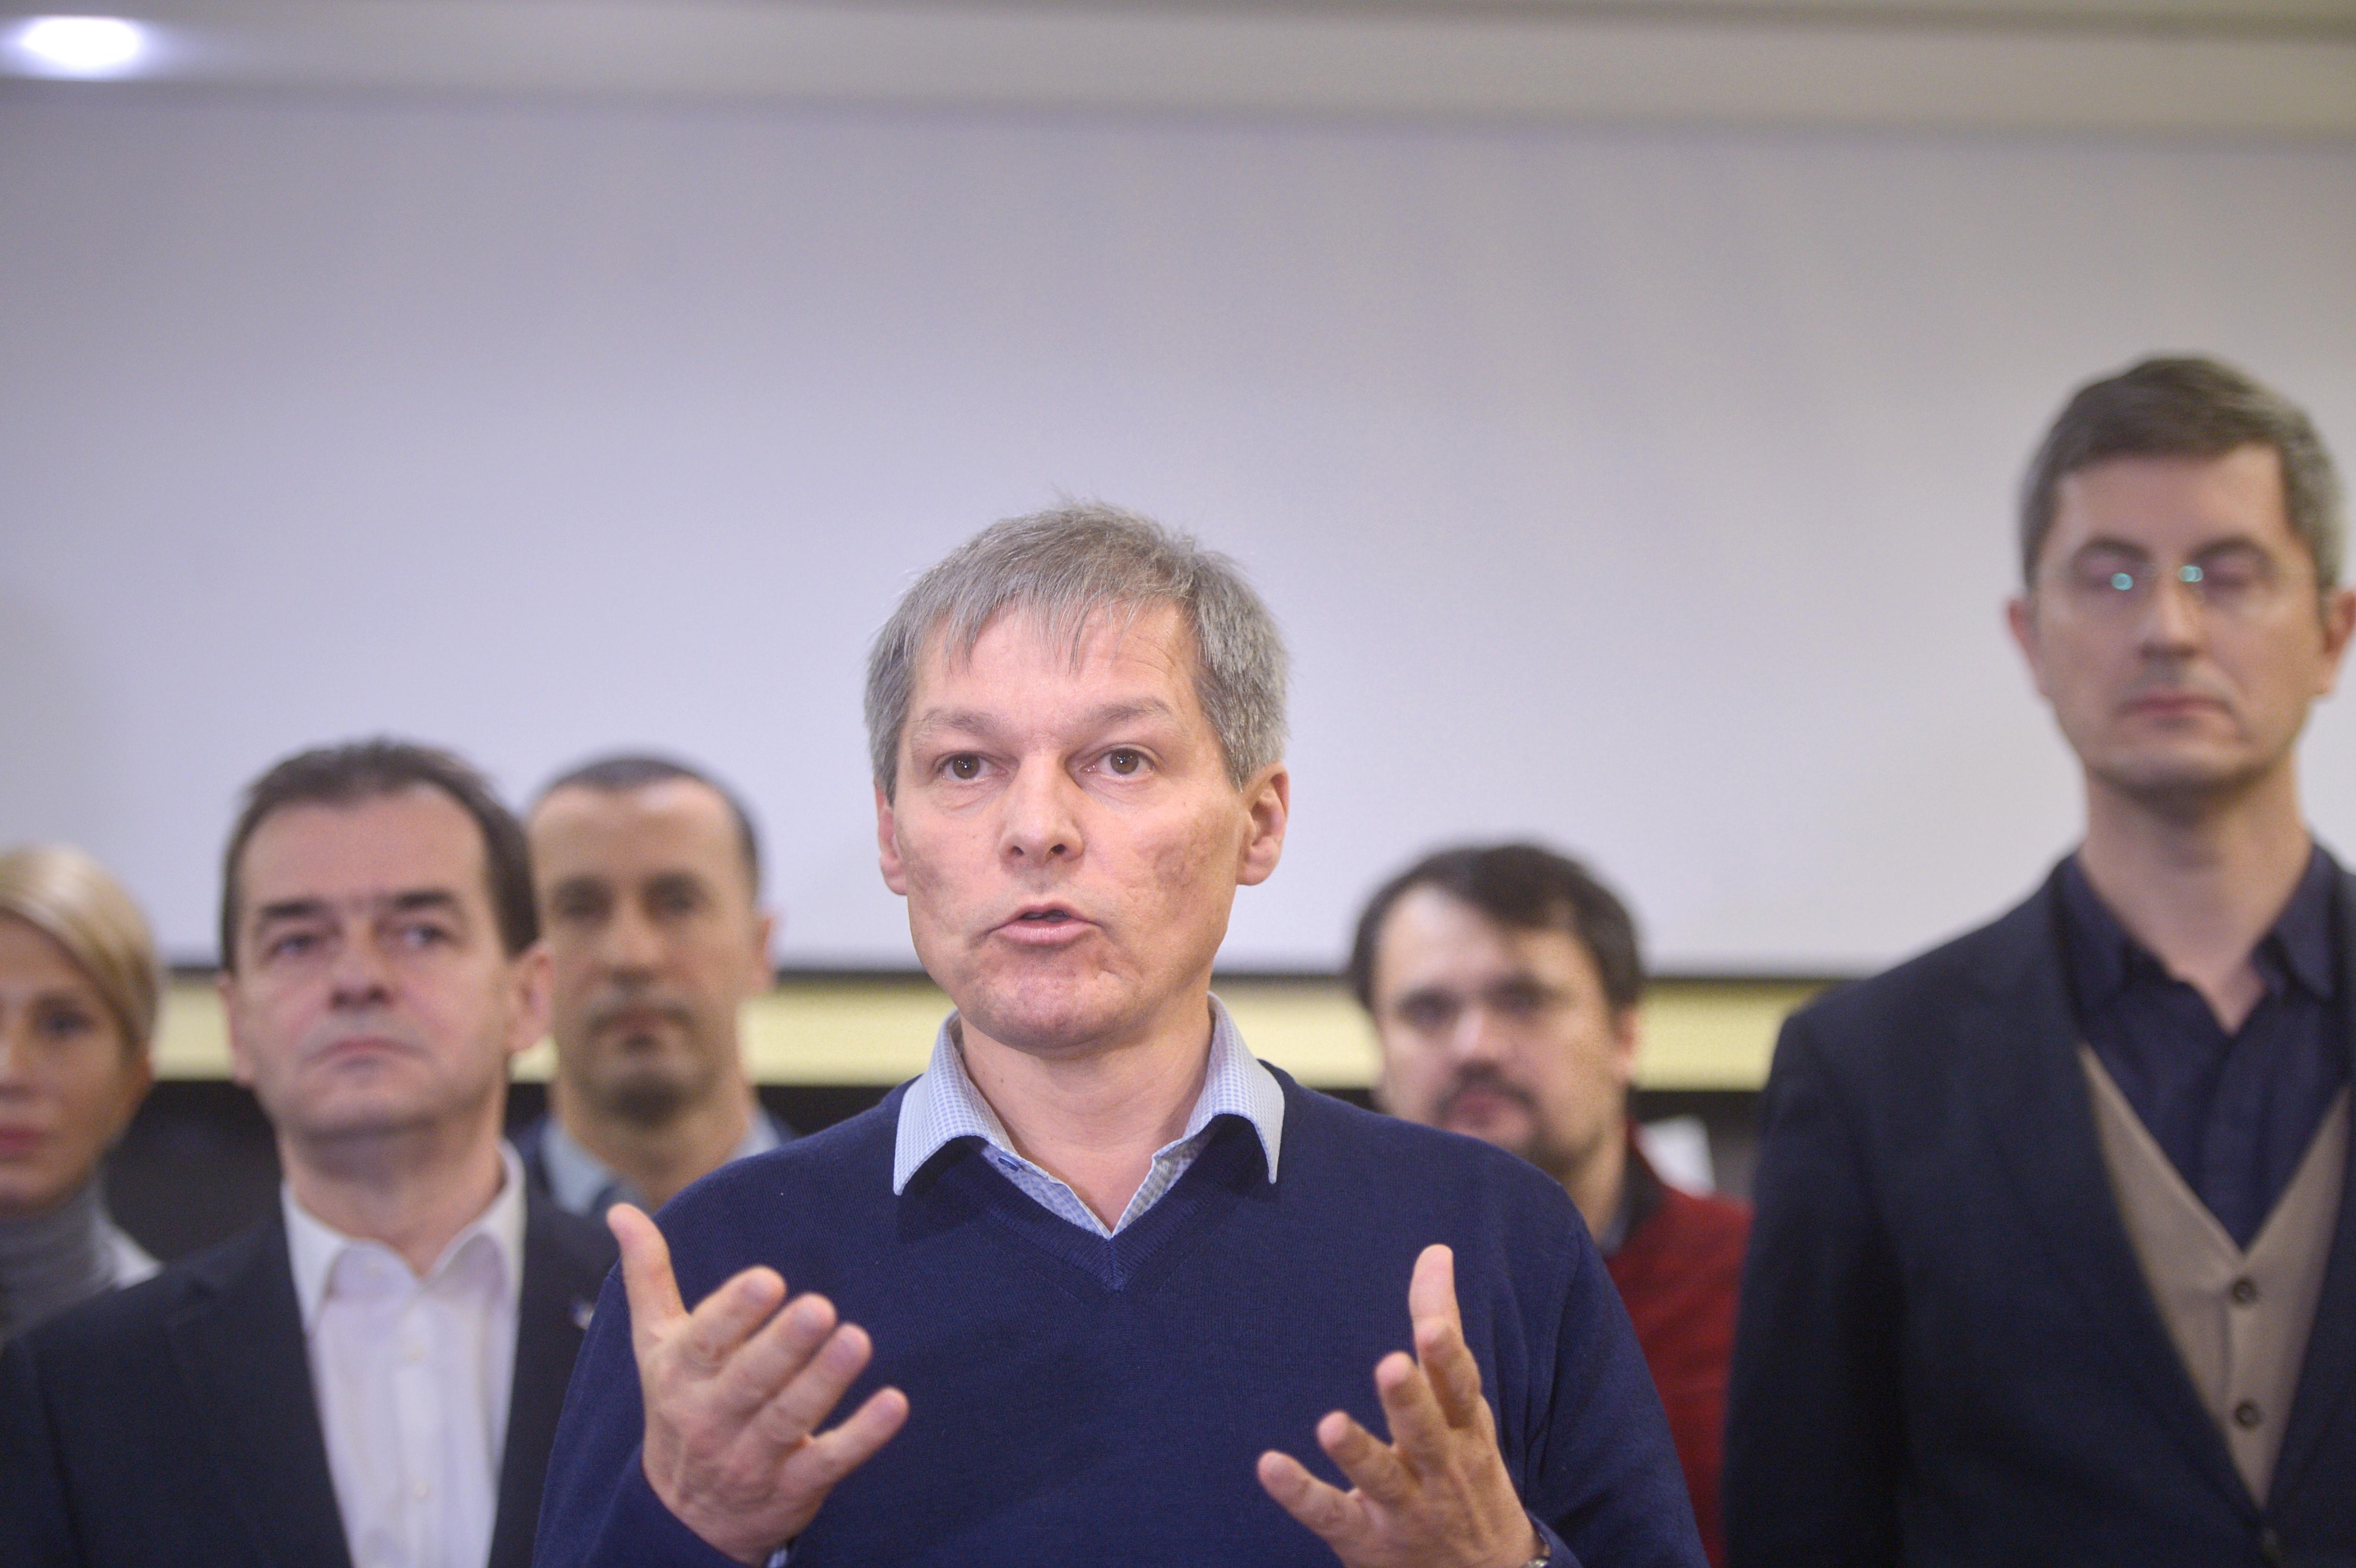 Dacian Cioloş le răspunde liderilor coaliţiei PSD-ALDE: Modificările Guvernului tehnocrat nu au provocat ieşirea în stradă a sute de mii de români